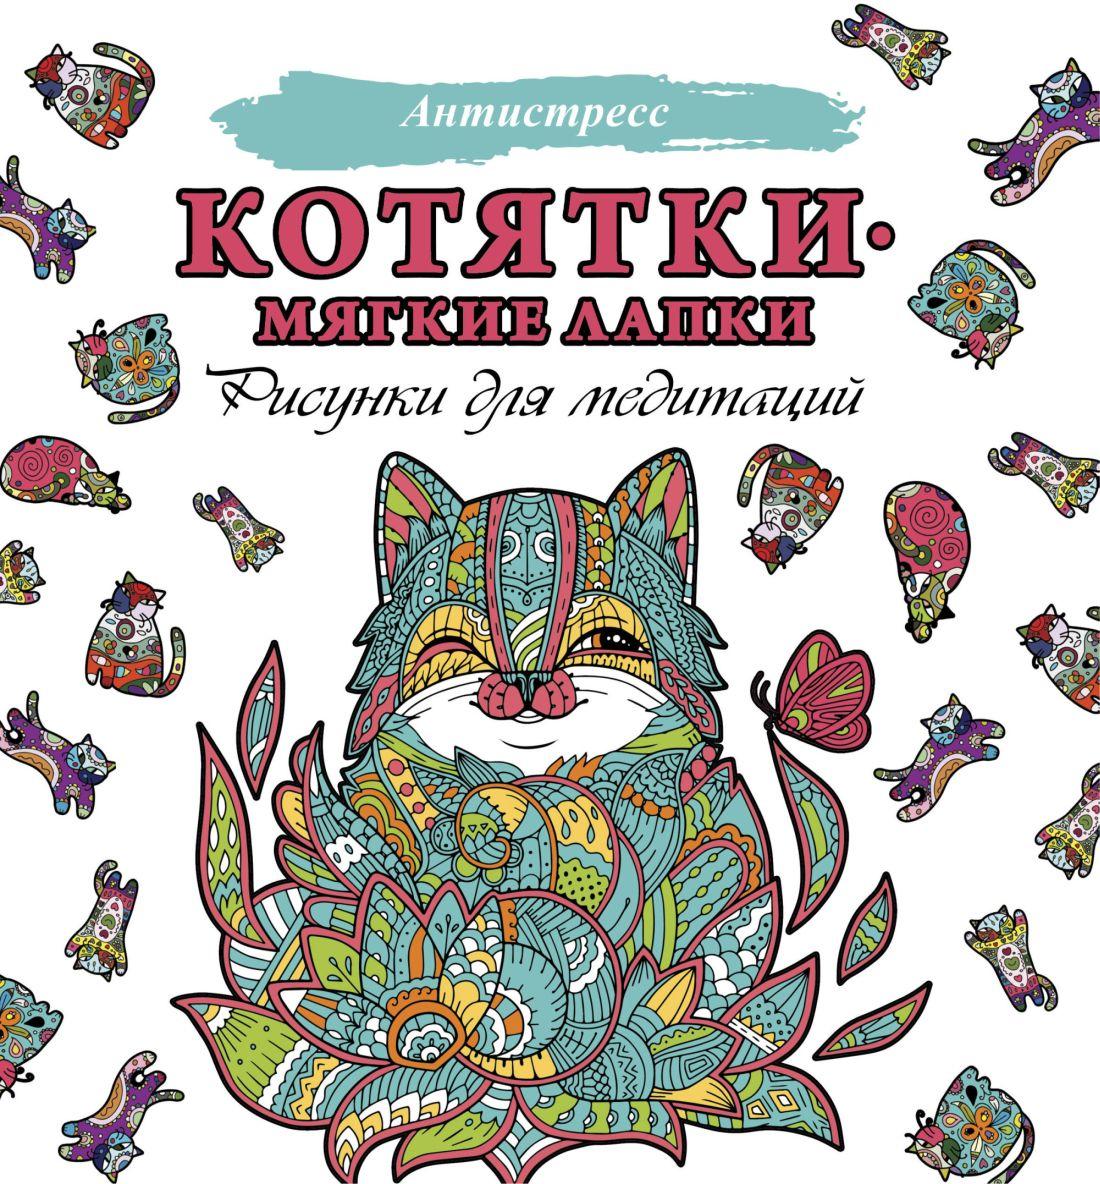 Котятки - мягкие лапки: Рисунки для медитаций